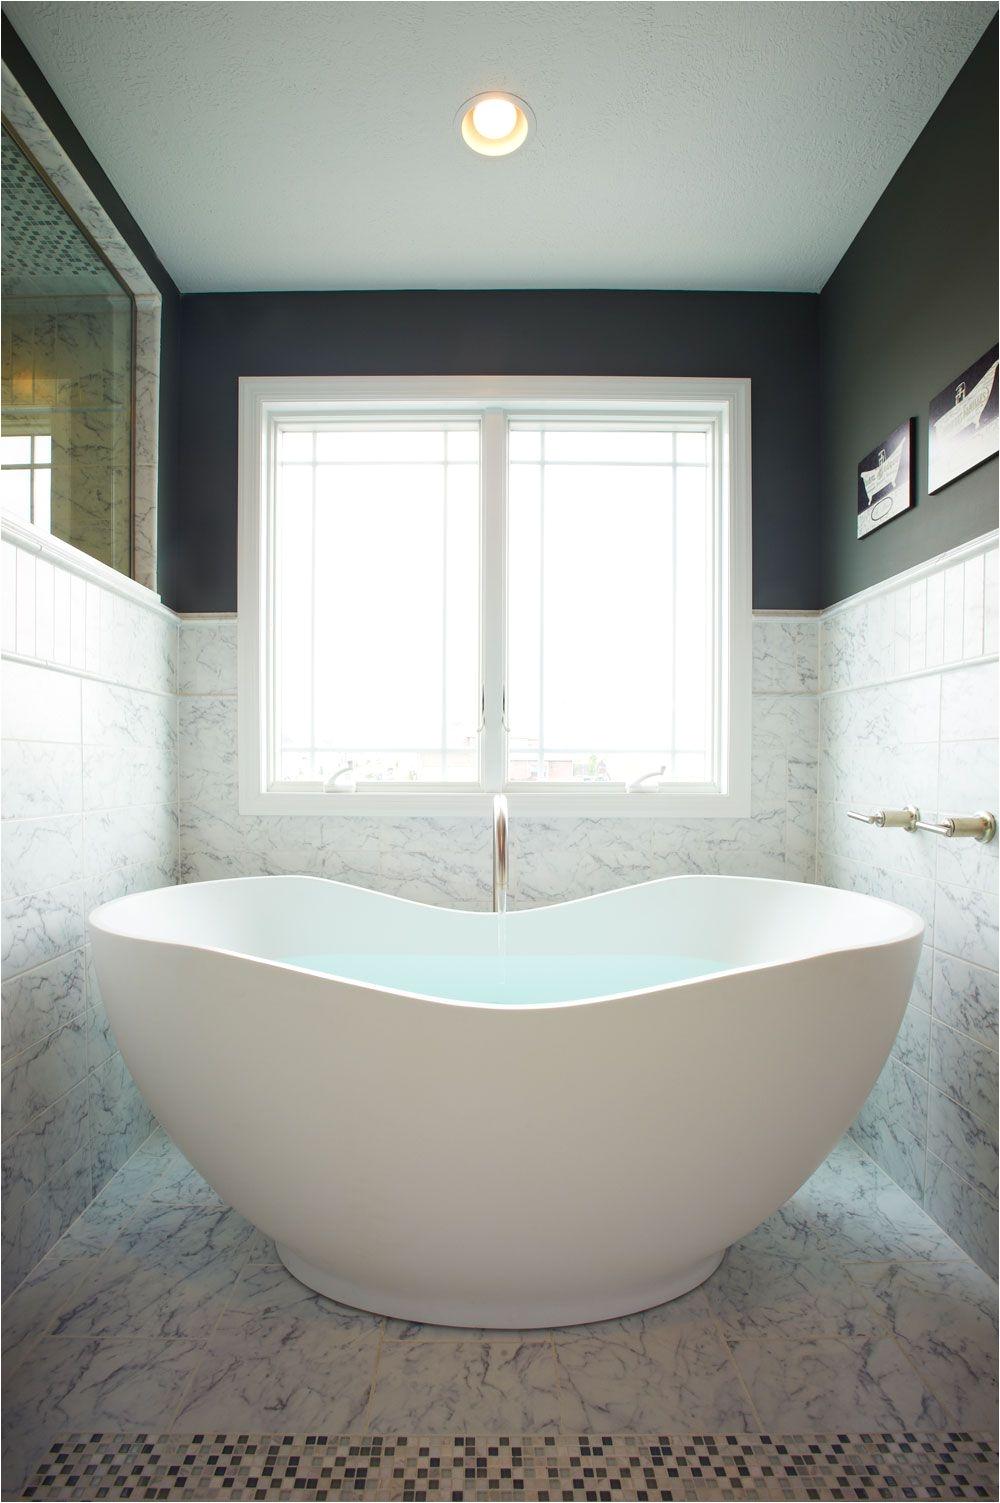 Kohler Bathroom Design Ideas Free Standing Tub by Kohler Can You Imagine Having This Ahhh